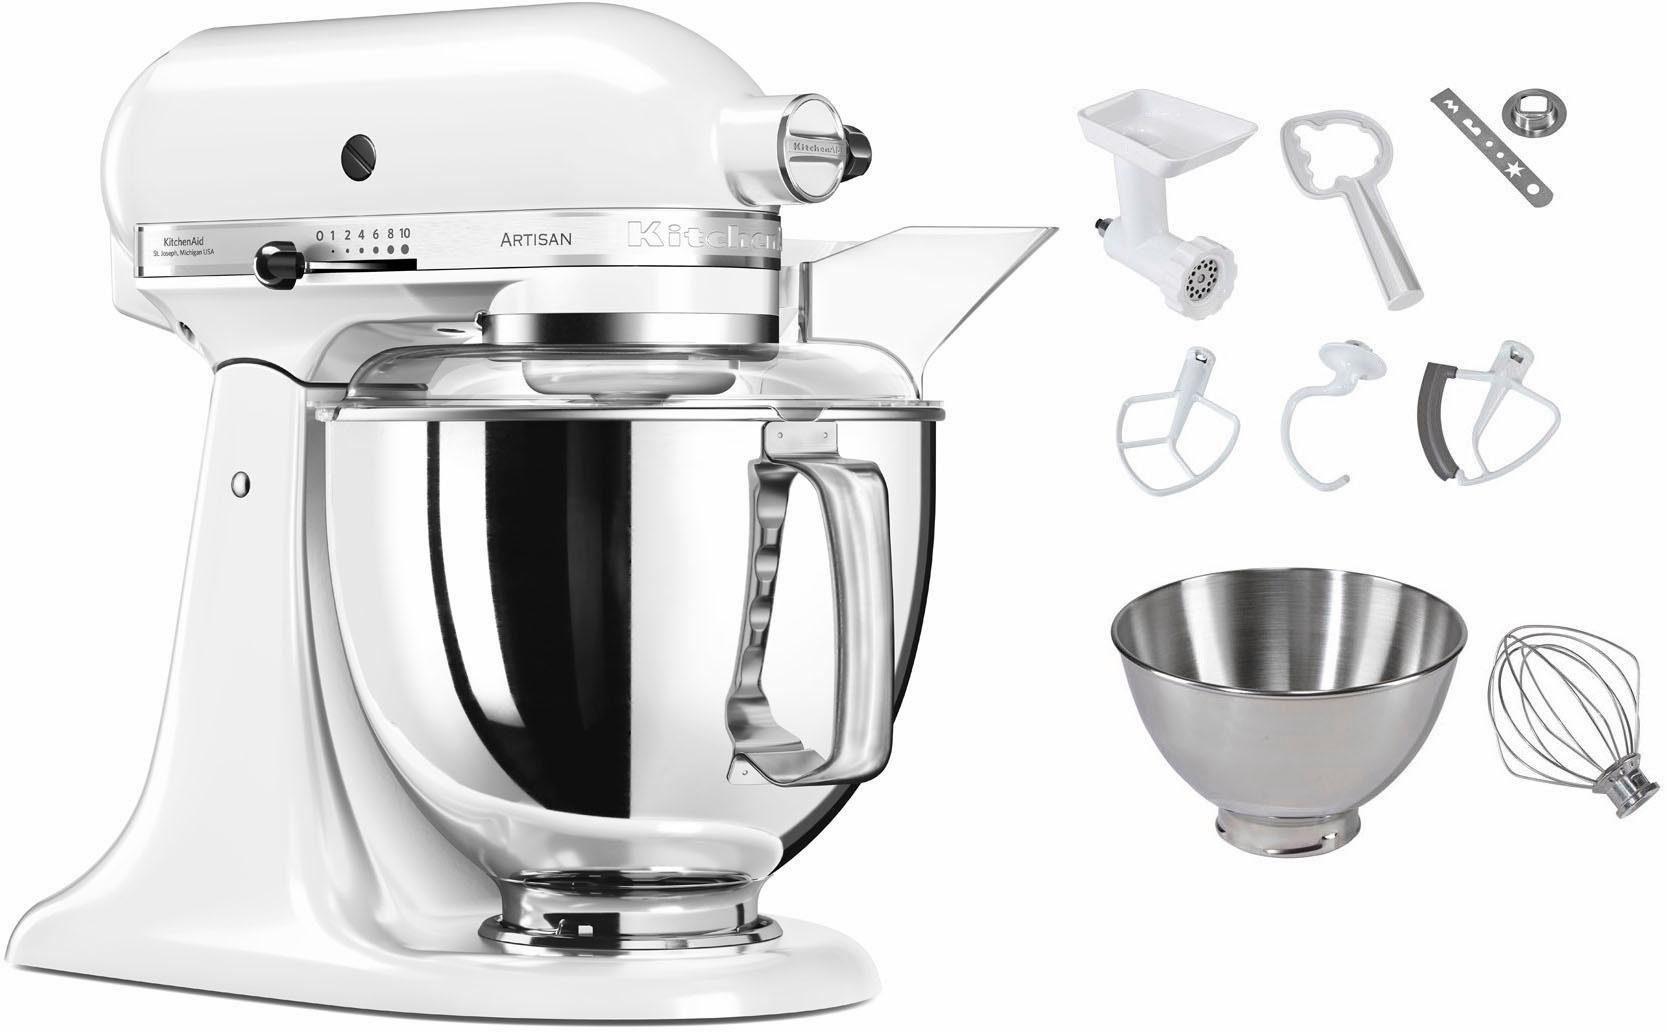 KitchenAid Küchenmaschine 5KSM175PSECA Artisan, 300 W, 4,83 l Schüssel, inkl. Sonderzubehör im Wert von ca. 112,-€ UVP